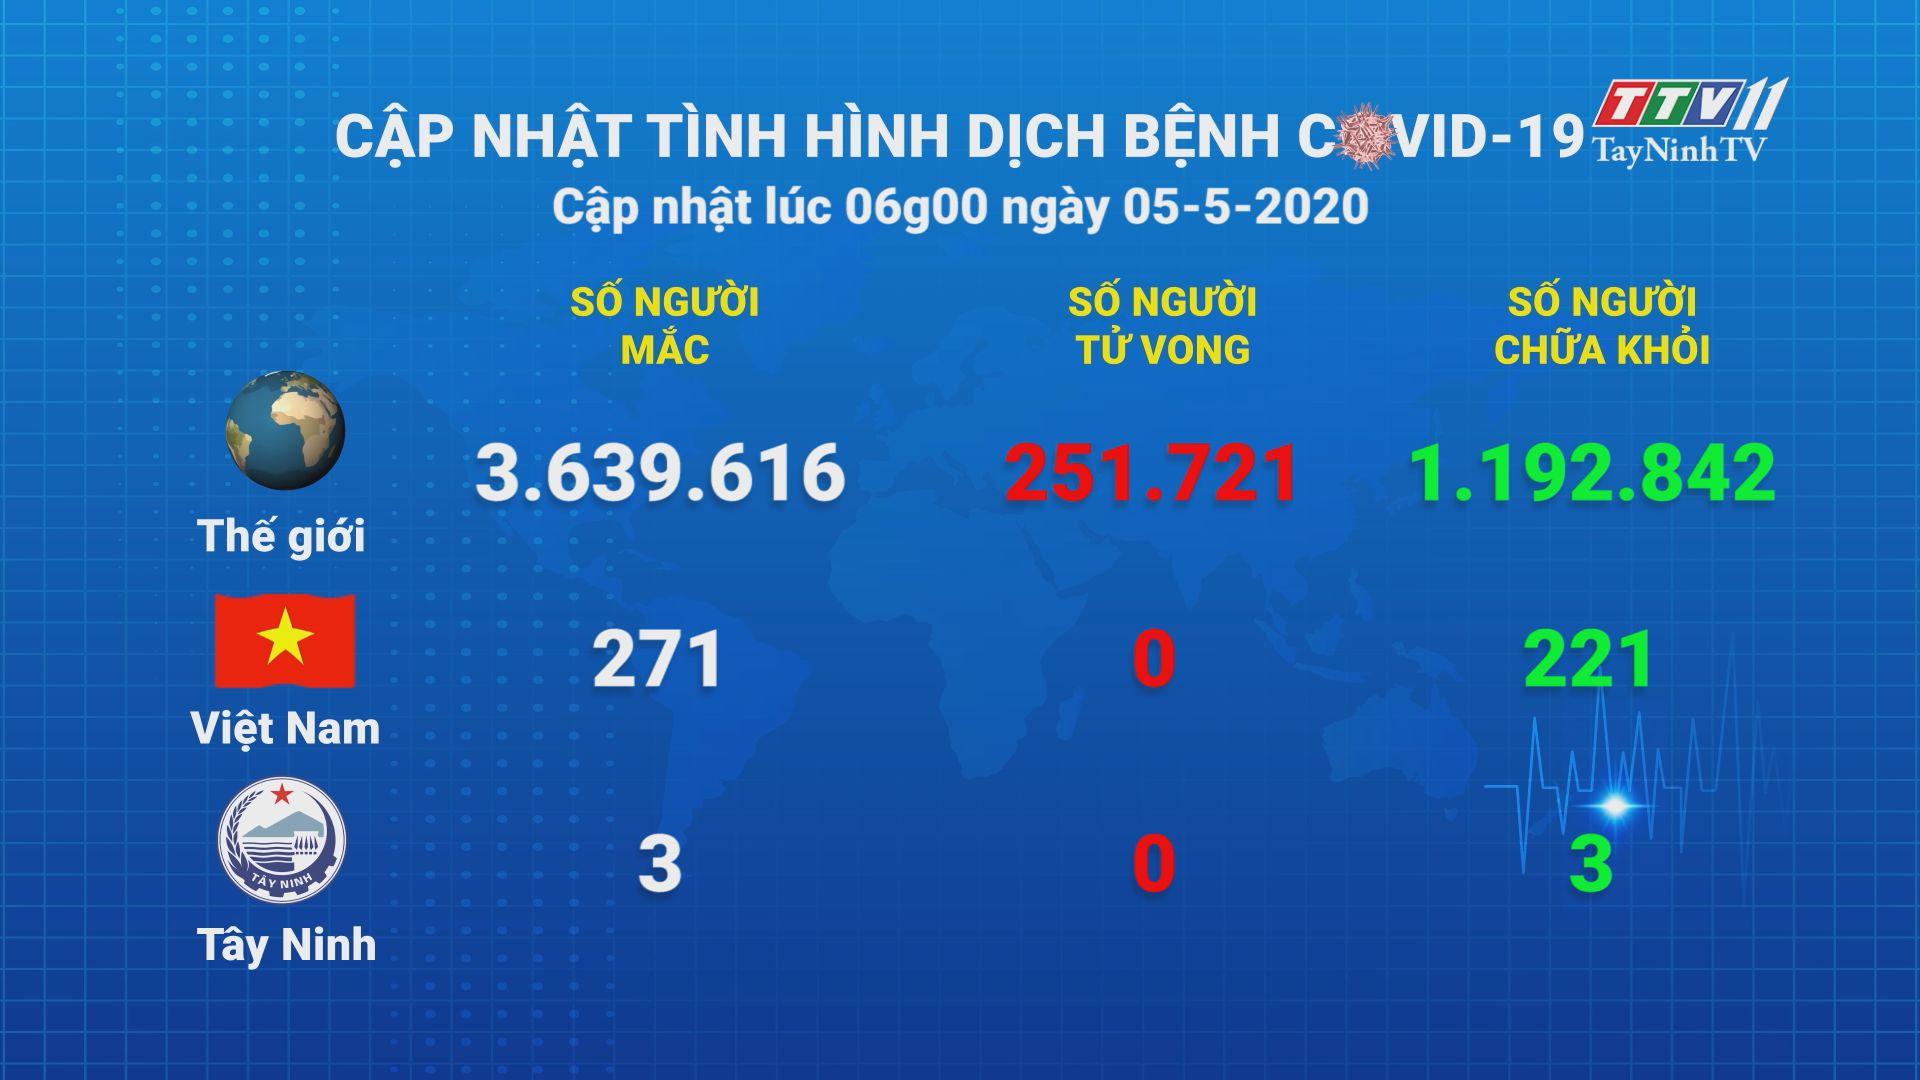 Cập nhật tình hình Covid-19 vào lúc 06 giờ 05-5-2020 | Thông tin dịch Covid-19 | TayNinhTV